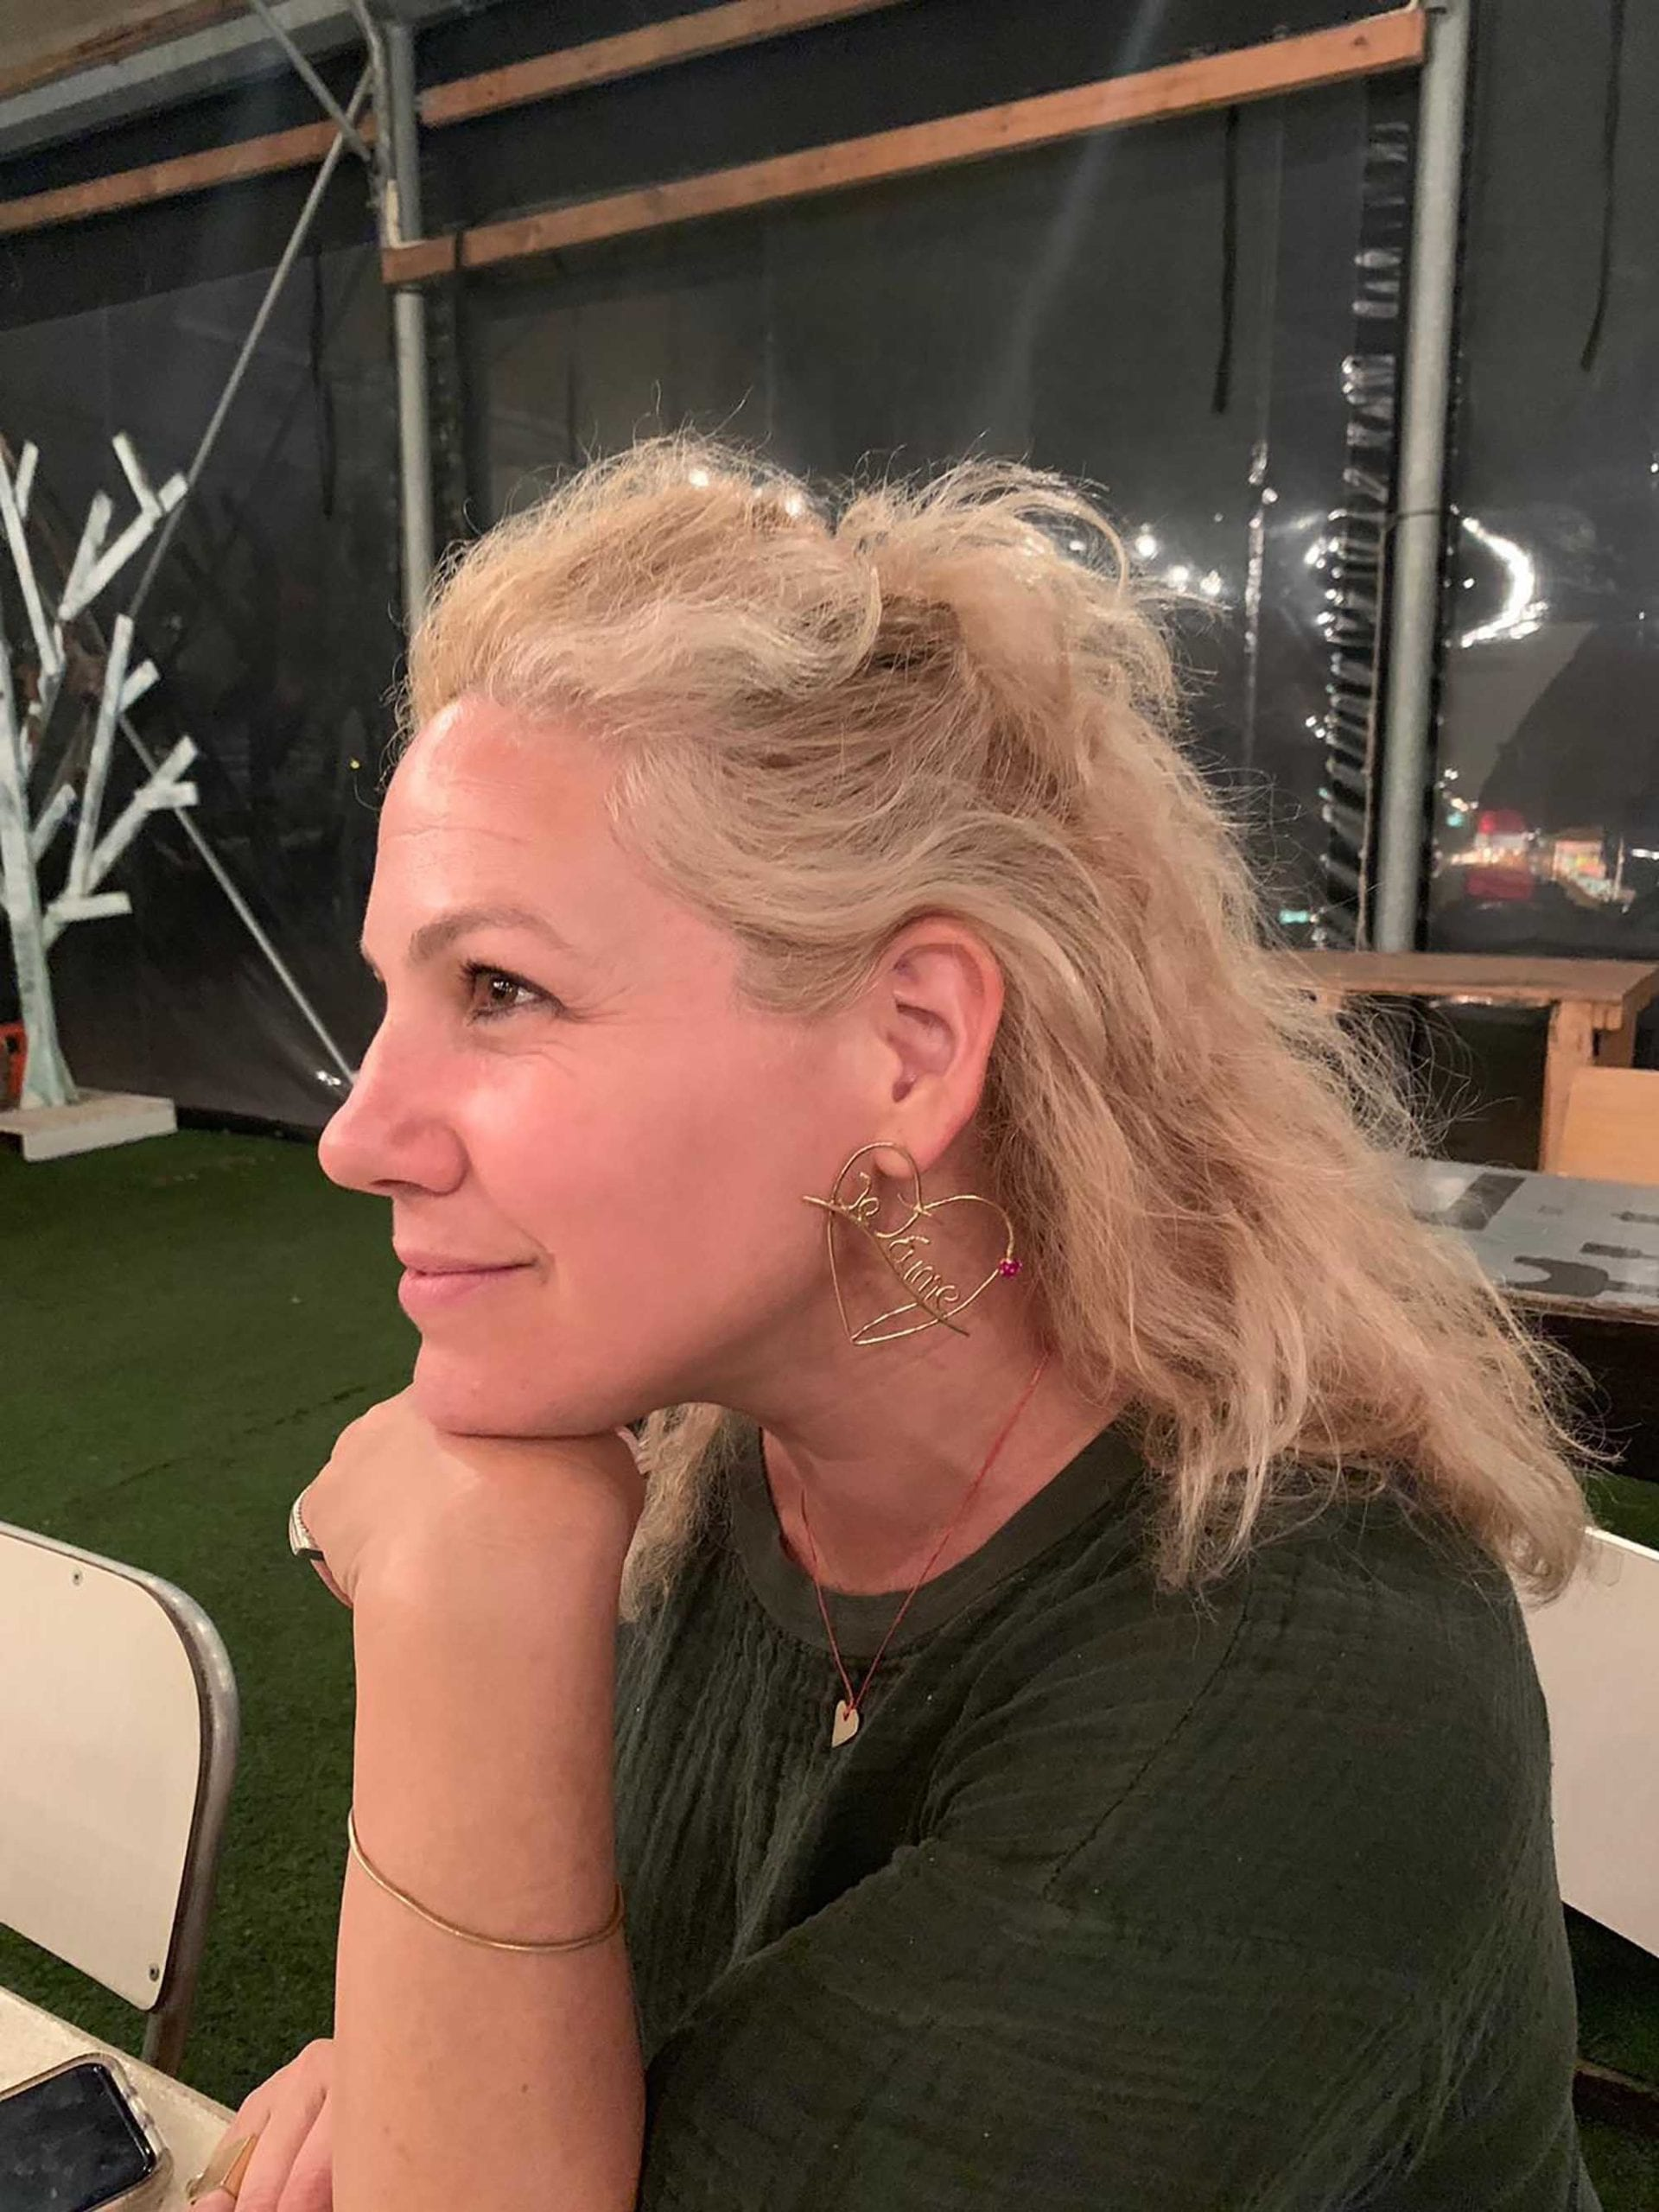 קרין לאופר דיין, אופנה, מגזין אופנה ישראלי